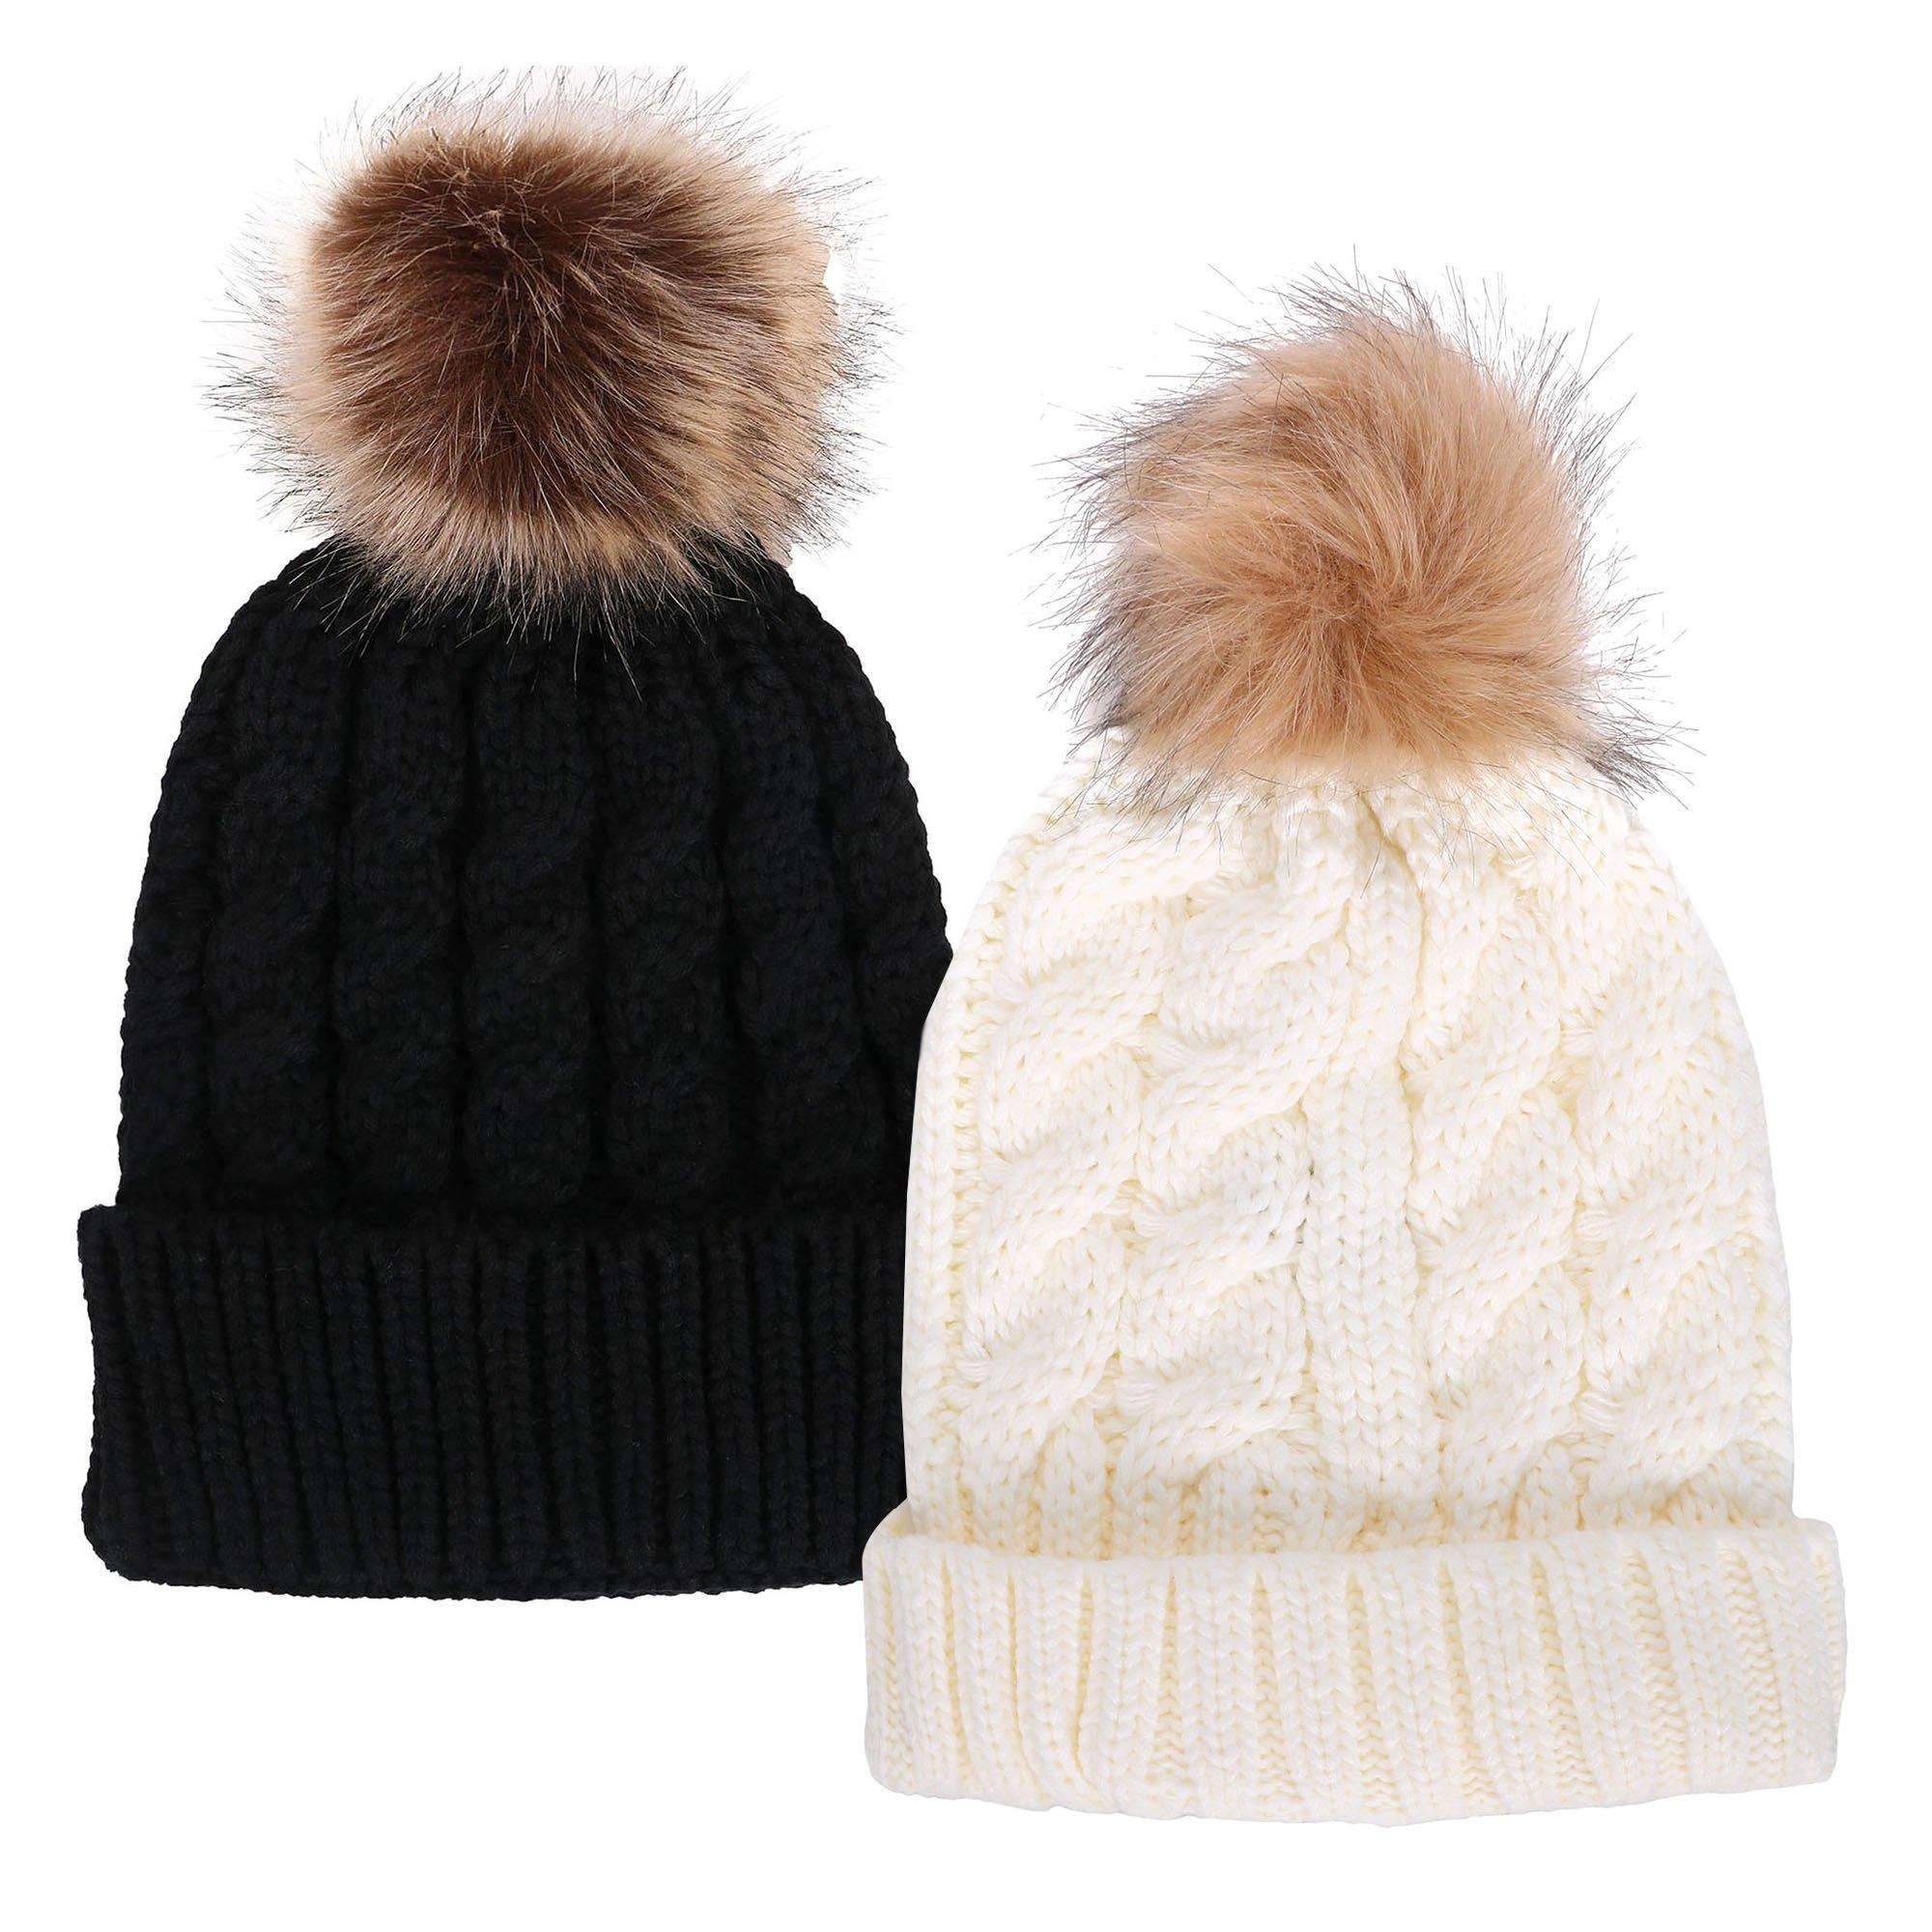 Simplicity Unisex Winter Hand Knit Faux Fur Pompoms Beanie 2 Pc Set Black/White